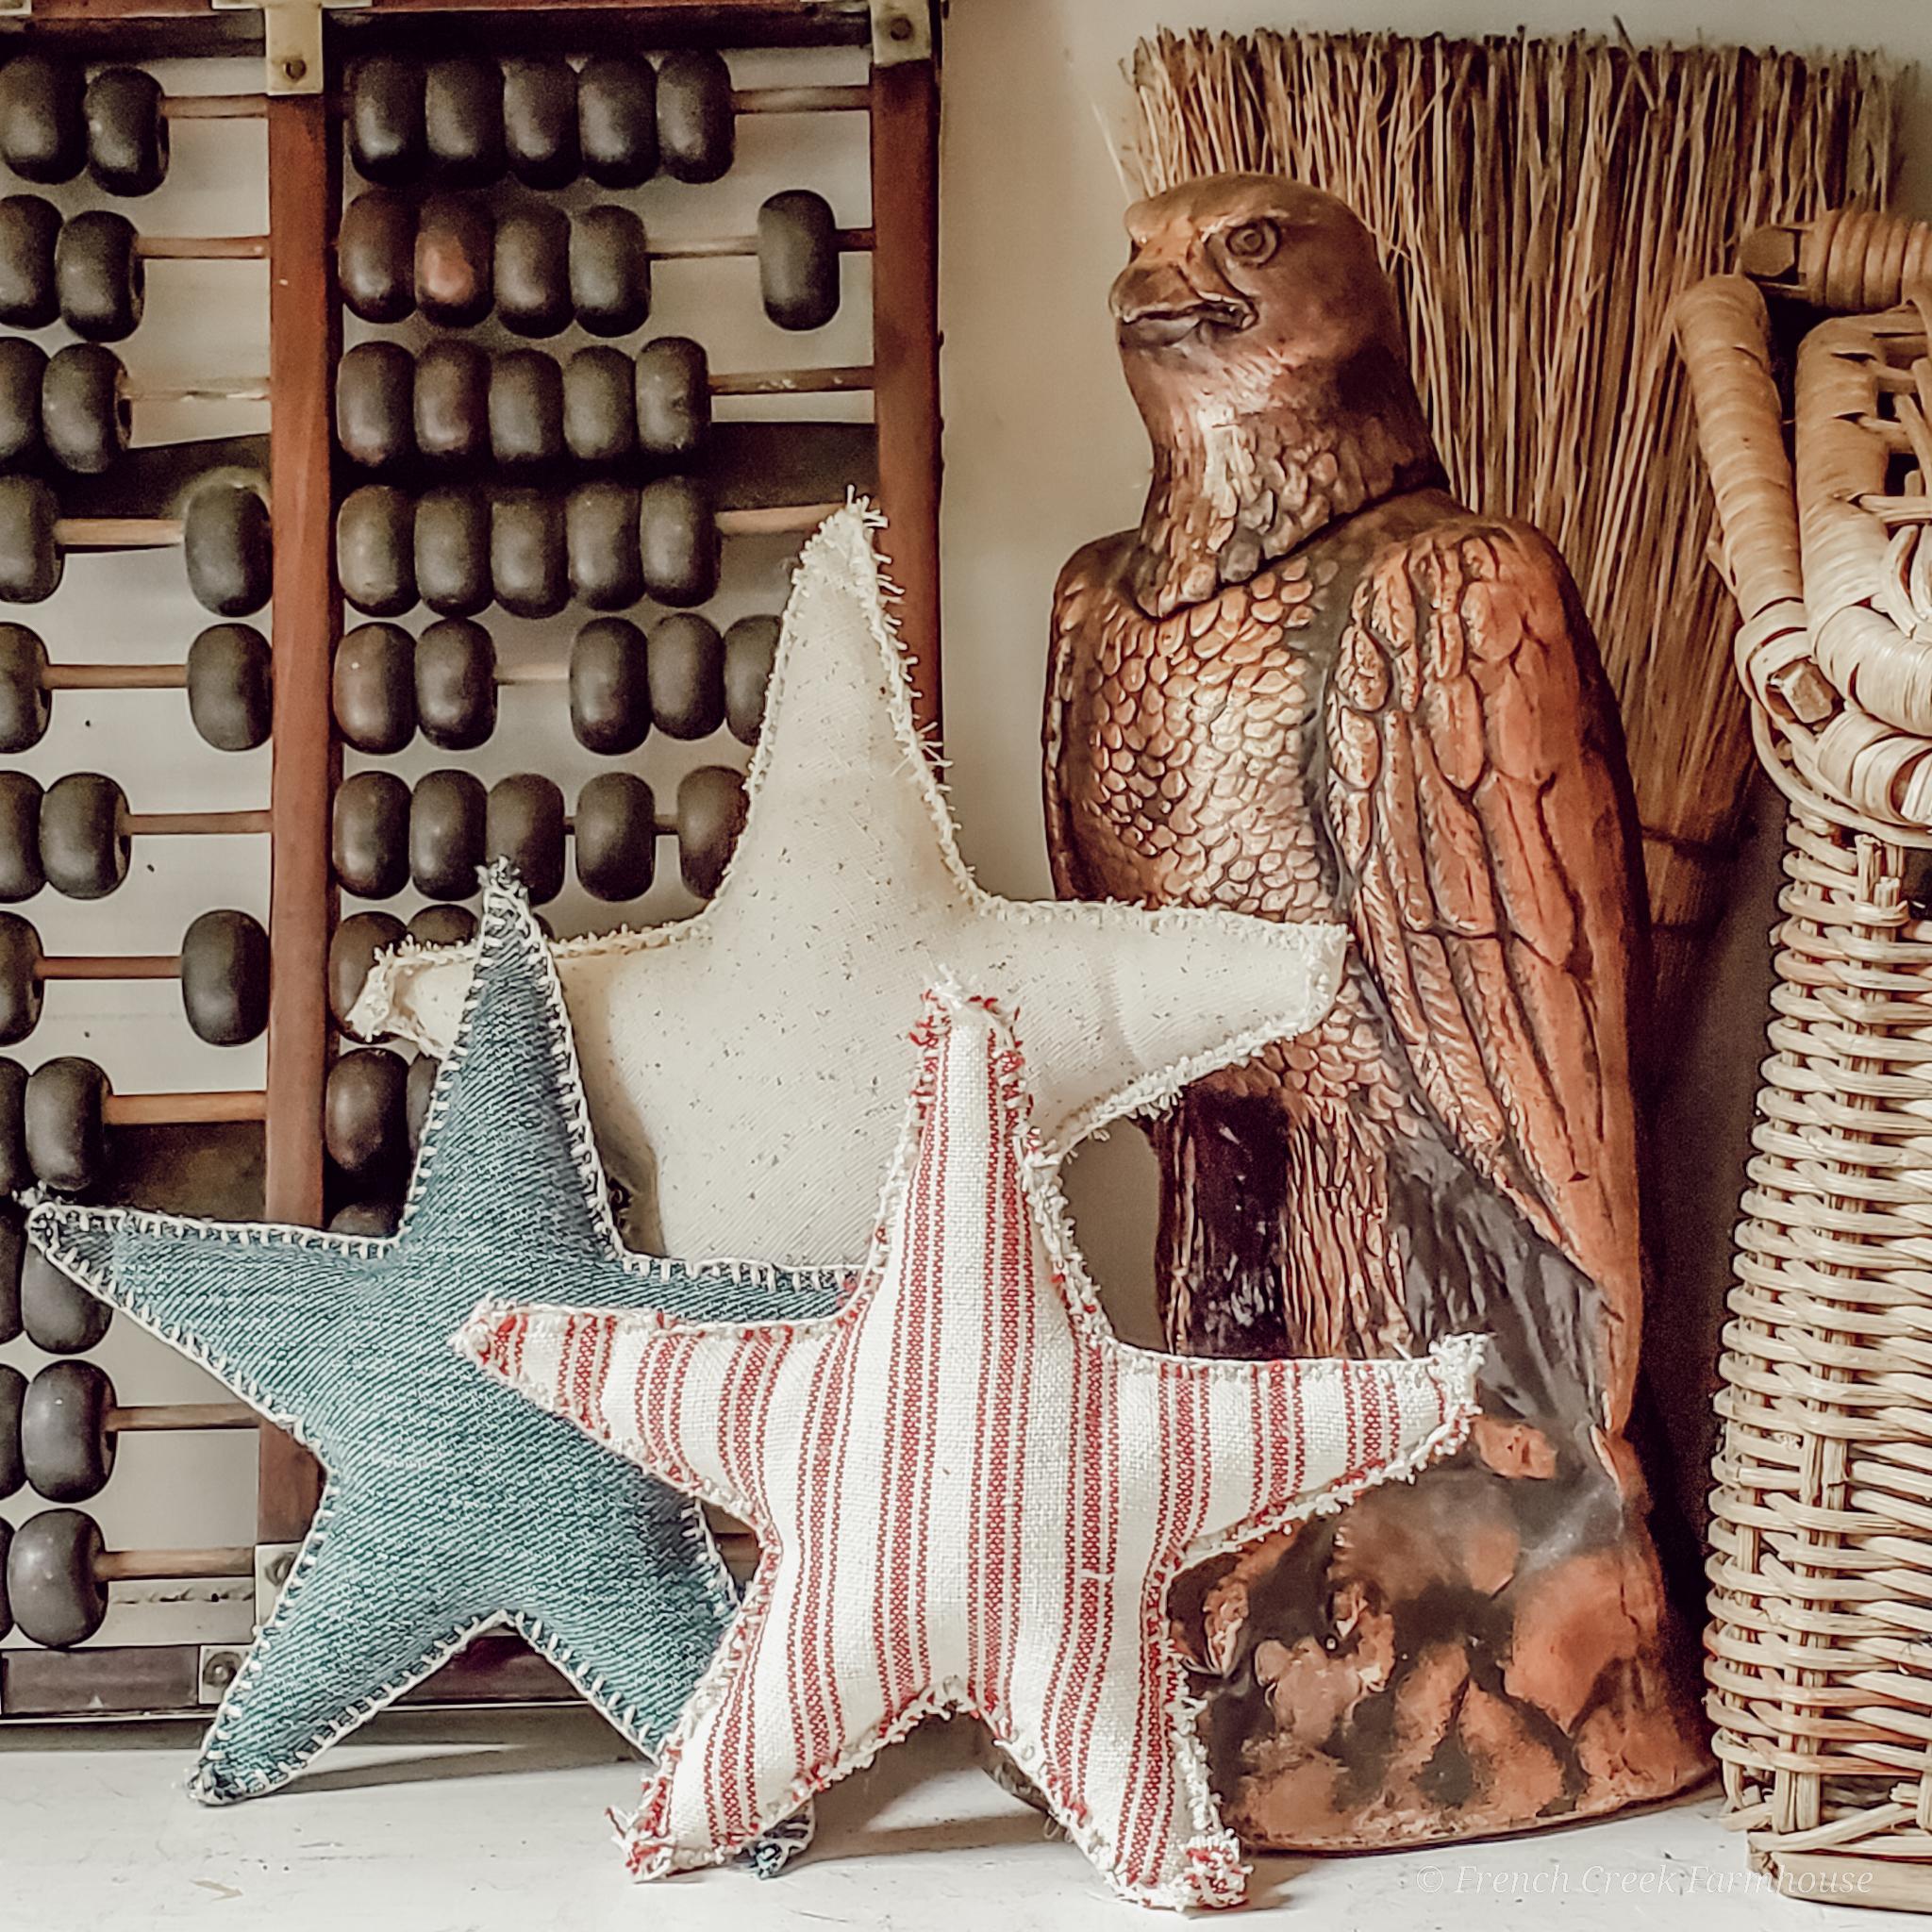 Vintage Finds & Farmhouse Favorites: Patriotic Decor